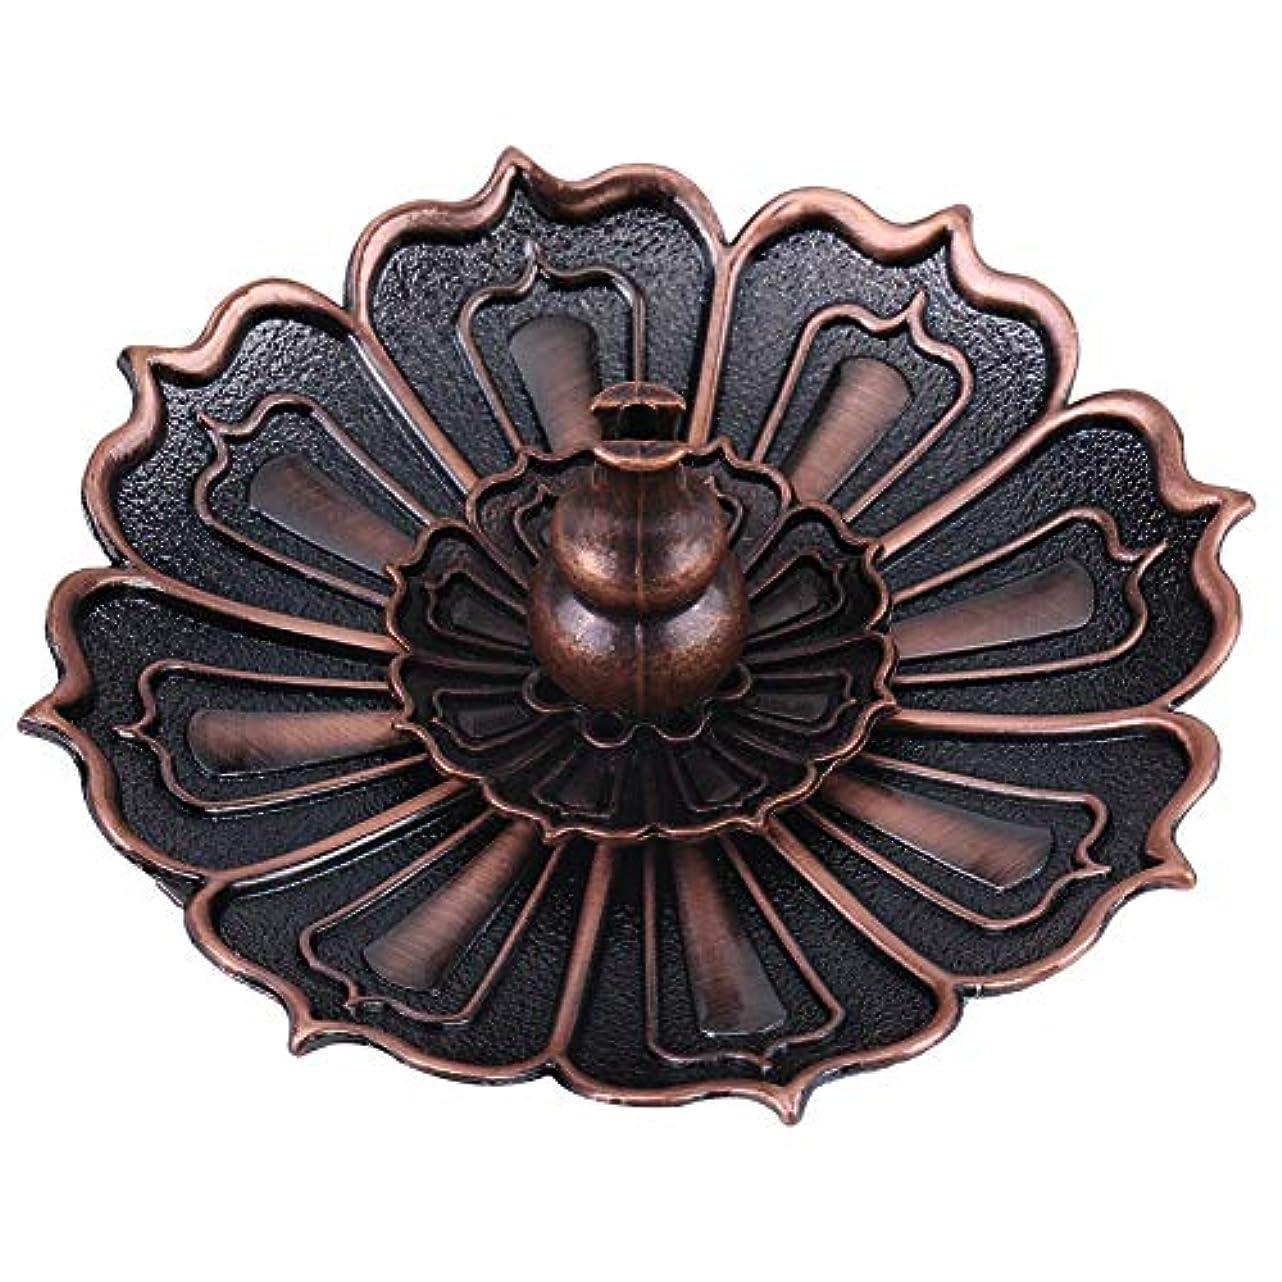 補償戦艦失効蓮の花の形の香ホルダー - 線香炉 香立て お香用具 お線香用可 アロマ香炉9×3.5センチメートル